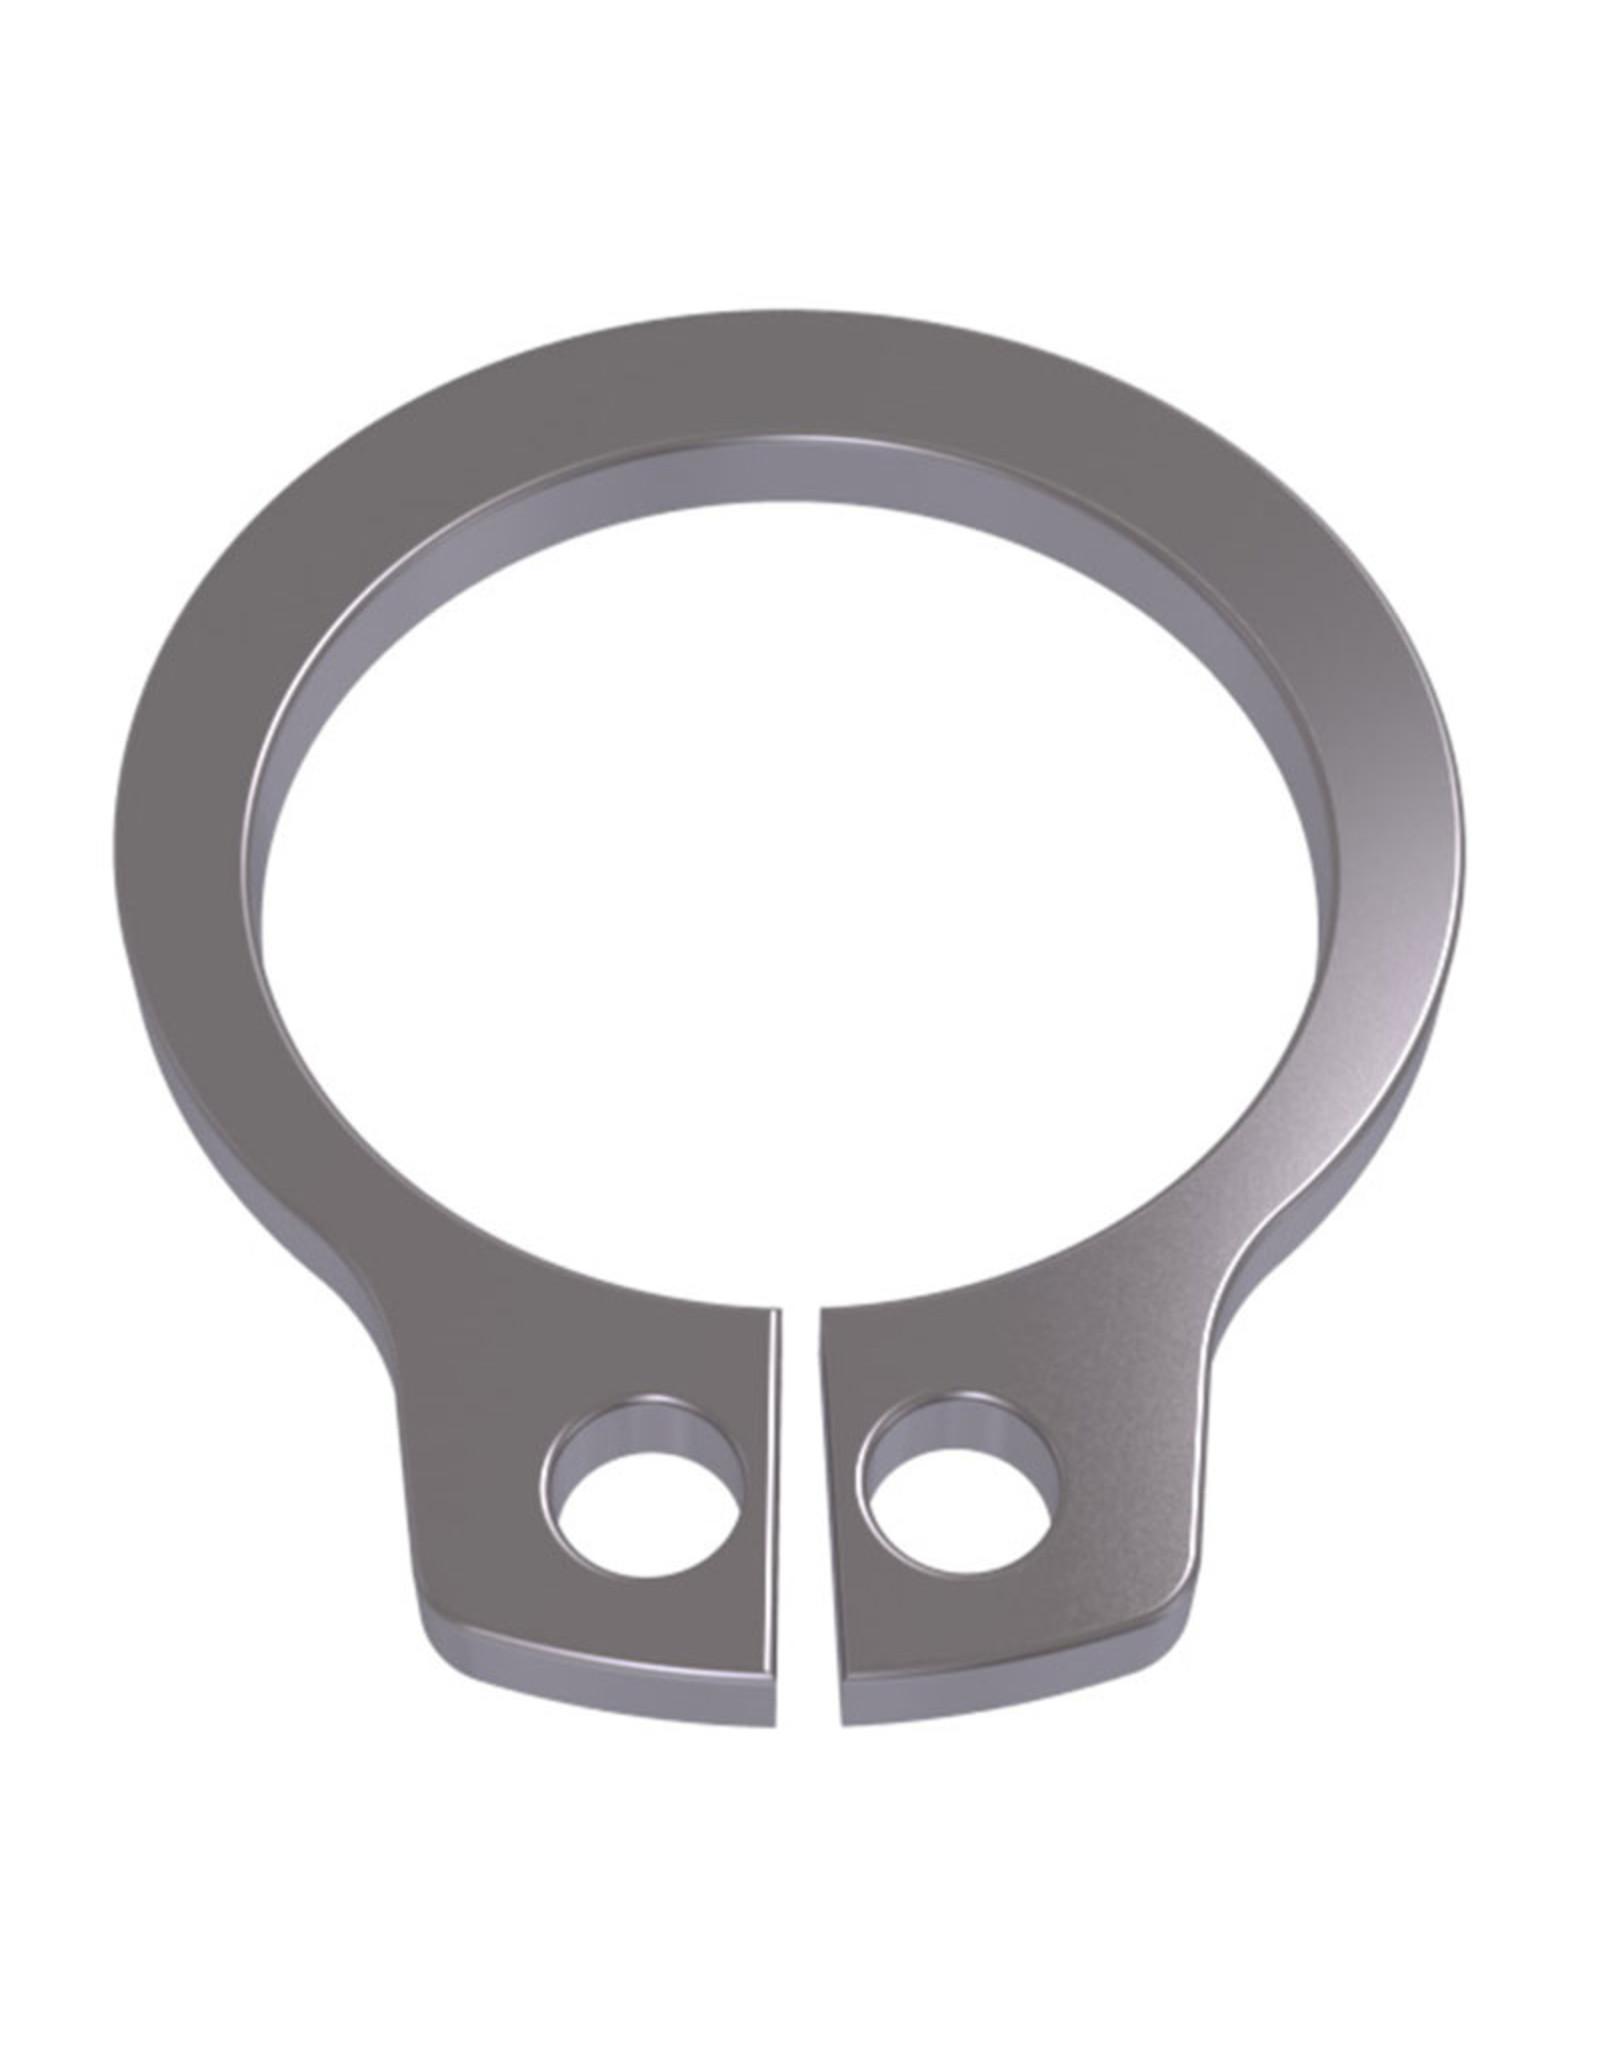 Snap ring A10 (10 units/bag)